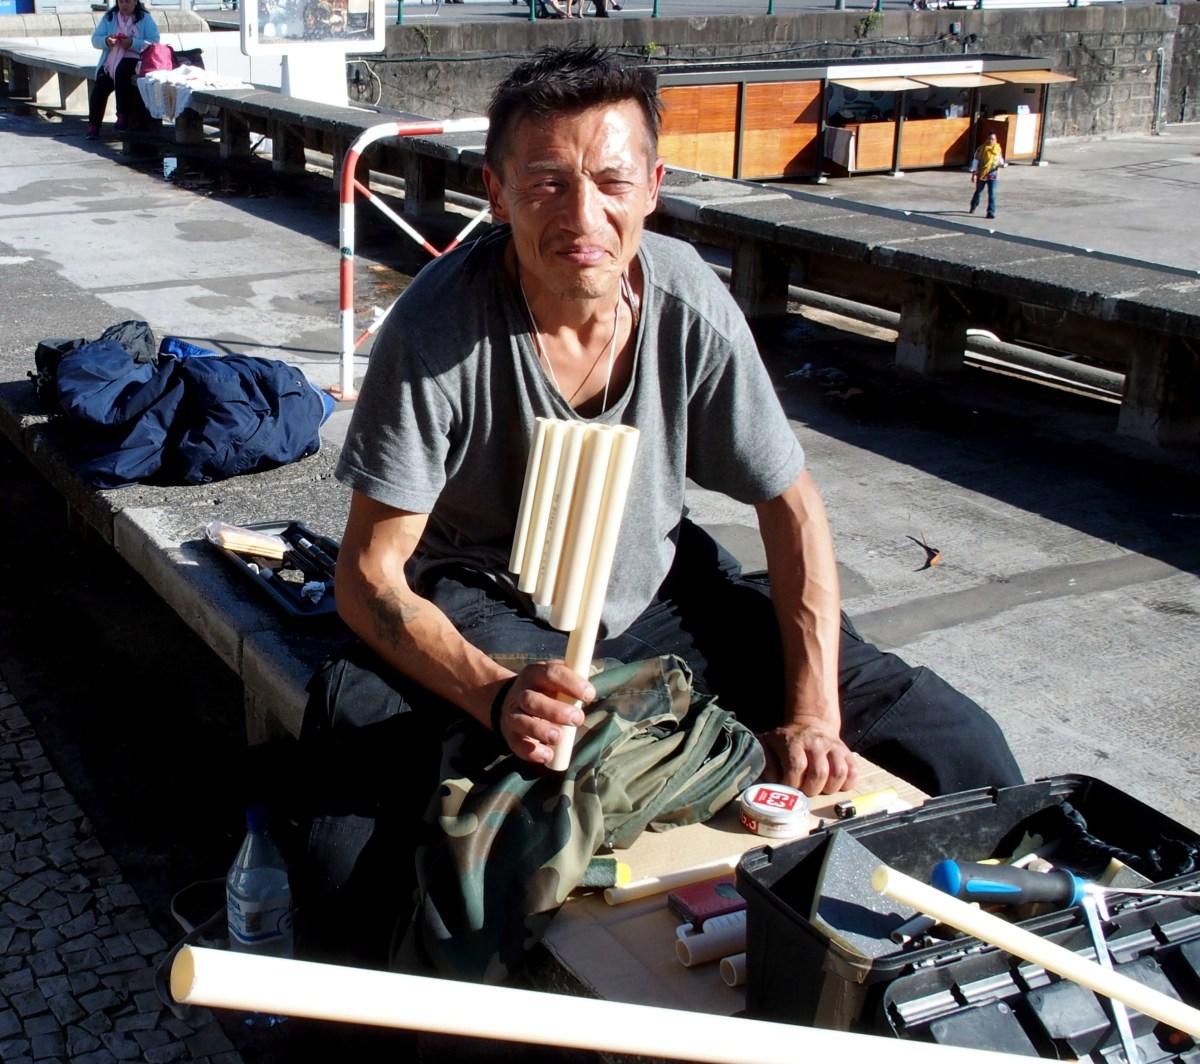 """Chileno passa inverno nas ruas do Funchal, constrói instrumentos musicais para sobreviver e já """"adotou"""" cão para companhia"""